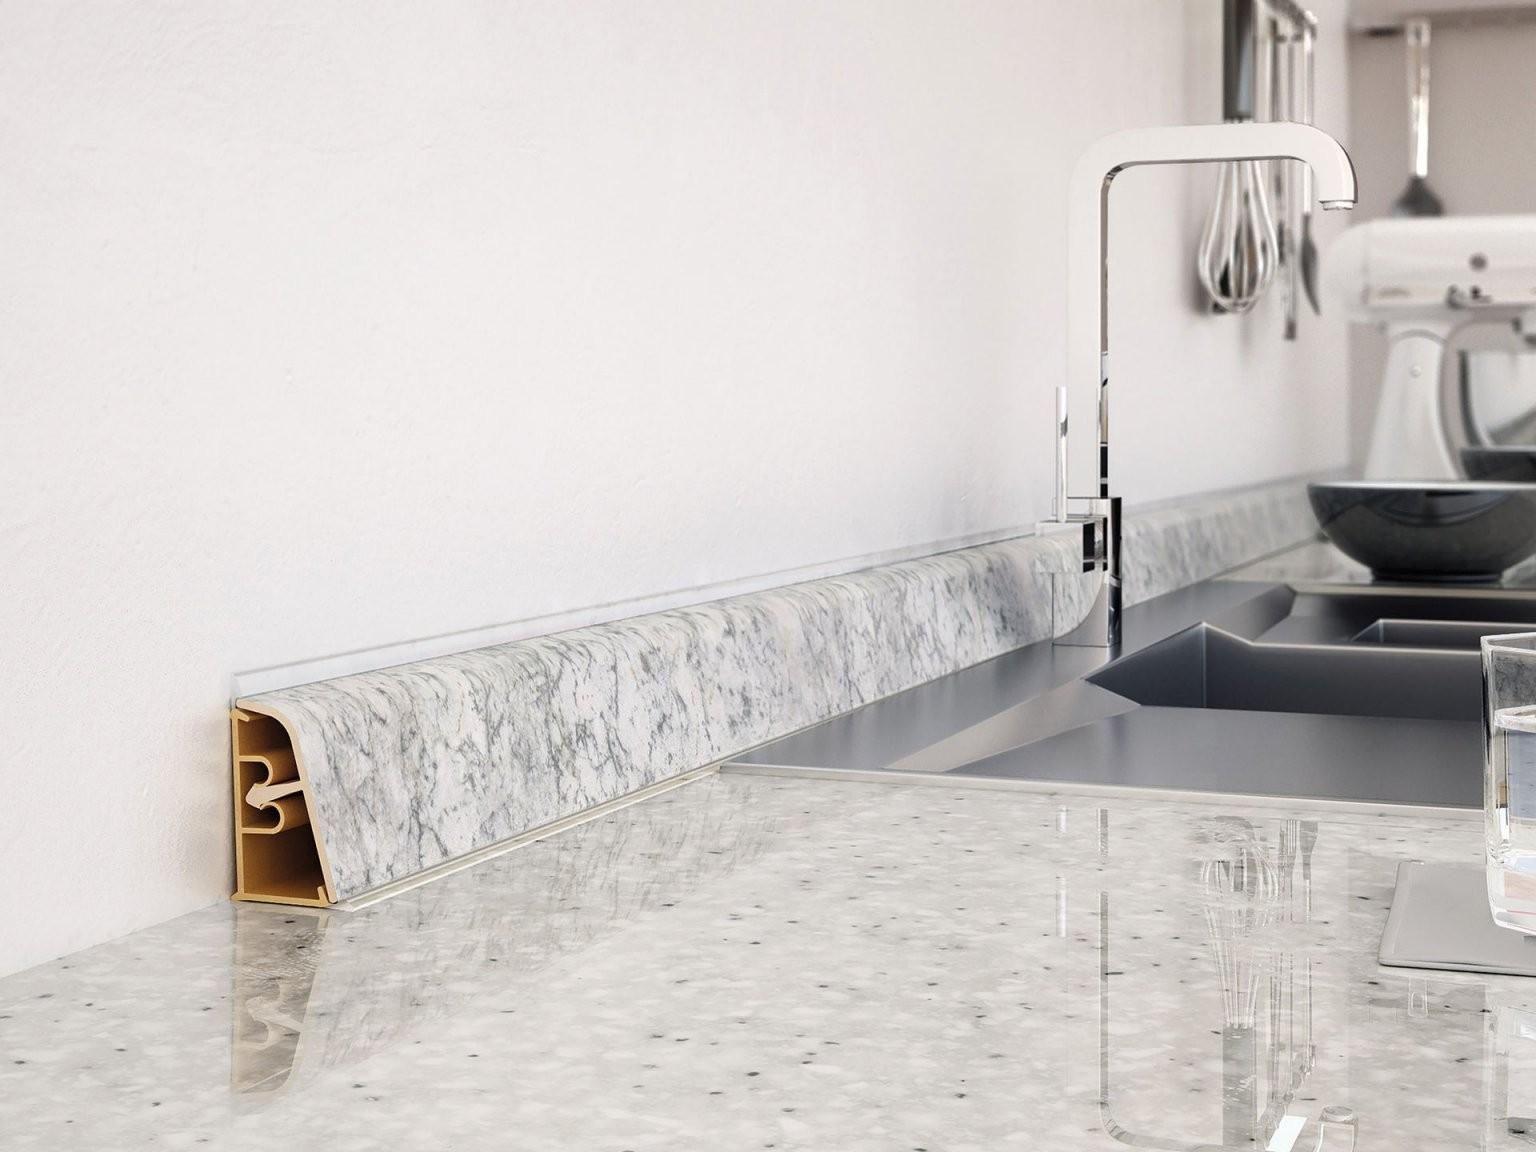 Leisten Für Küchenarbeitsplatten  Wandanschlussprofile  Fn von Leiste Für Arbeitsplatte Küche Bild